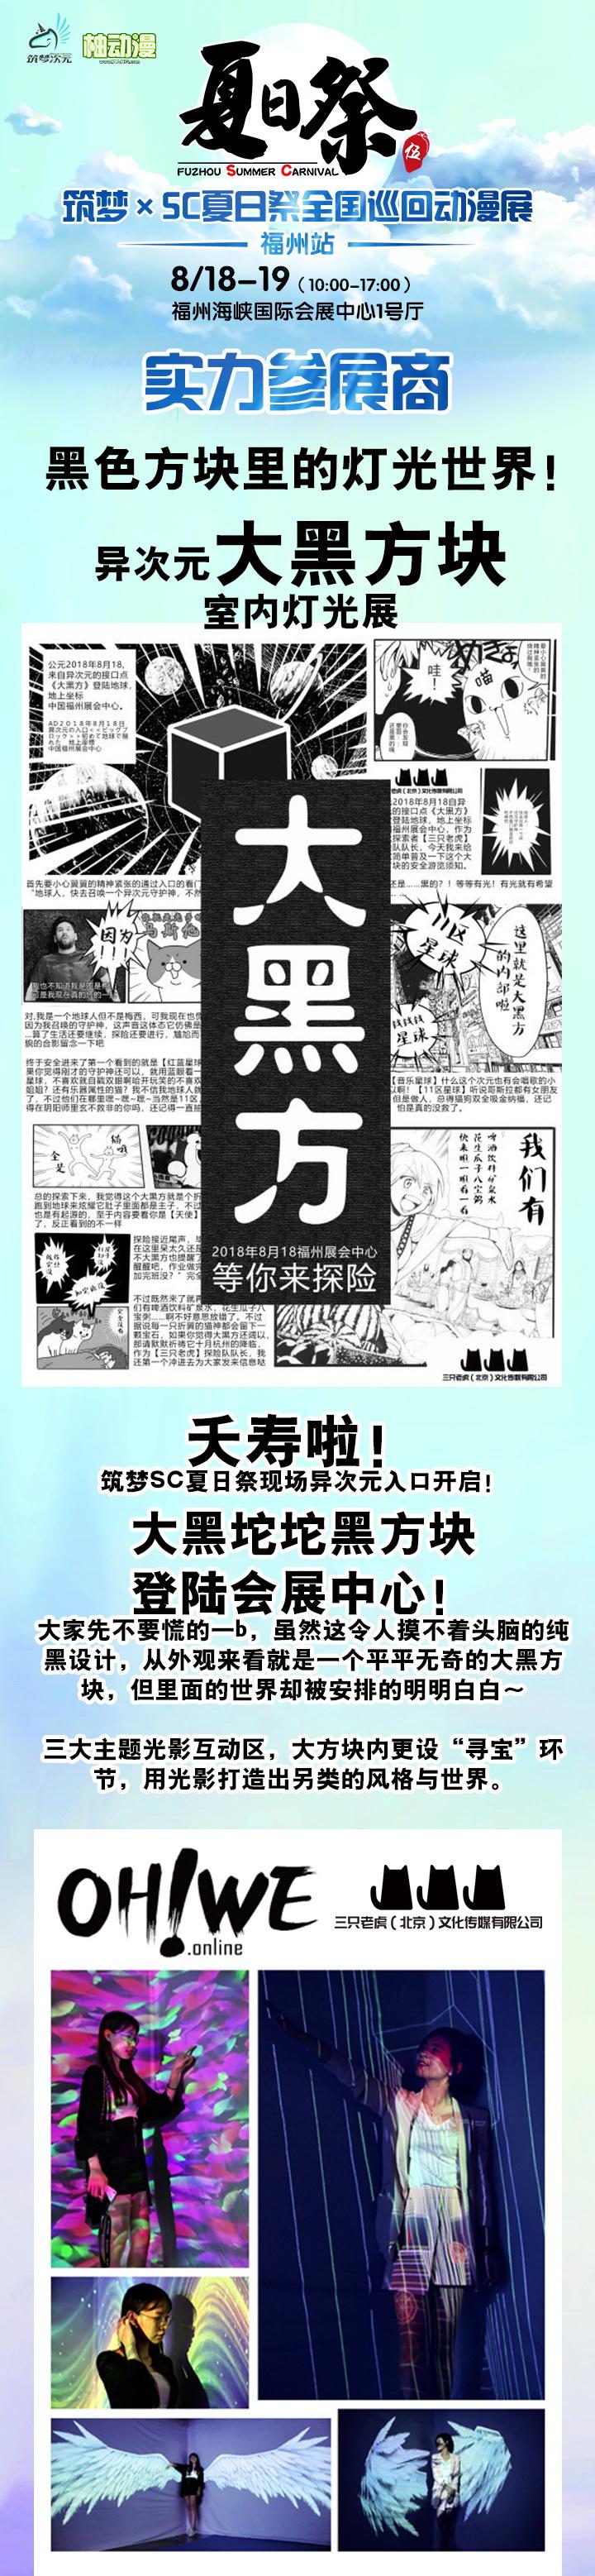 筑梦xSC夏日祭全国巡回三宣来啦!-ANICOGA